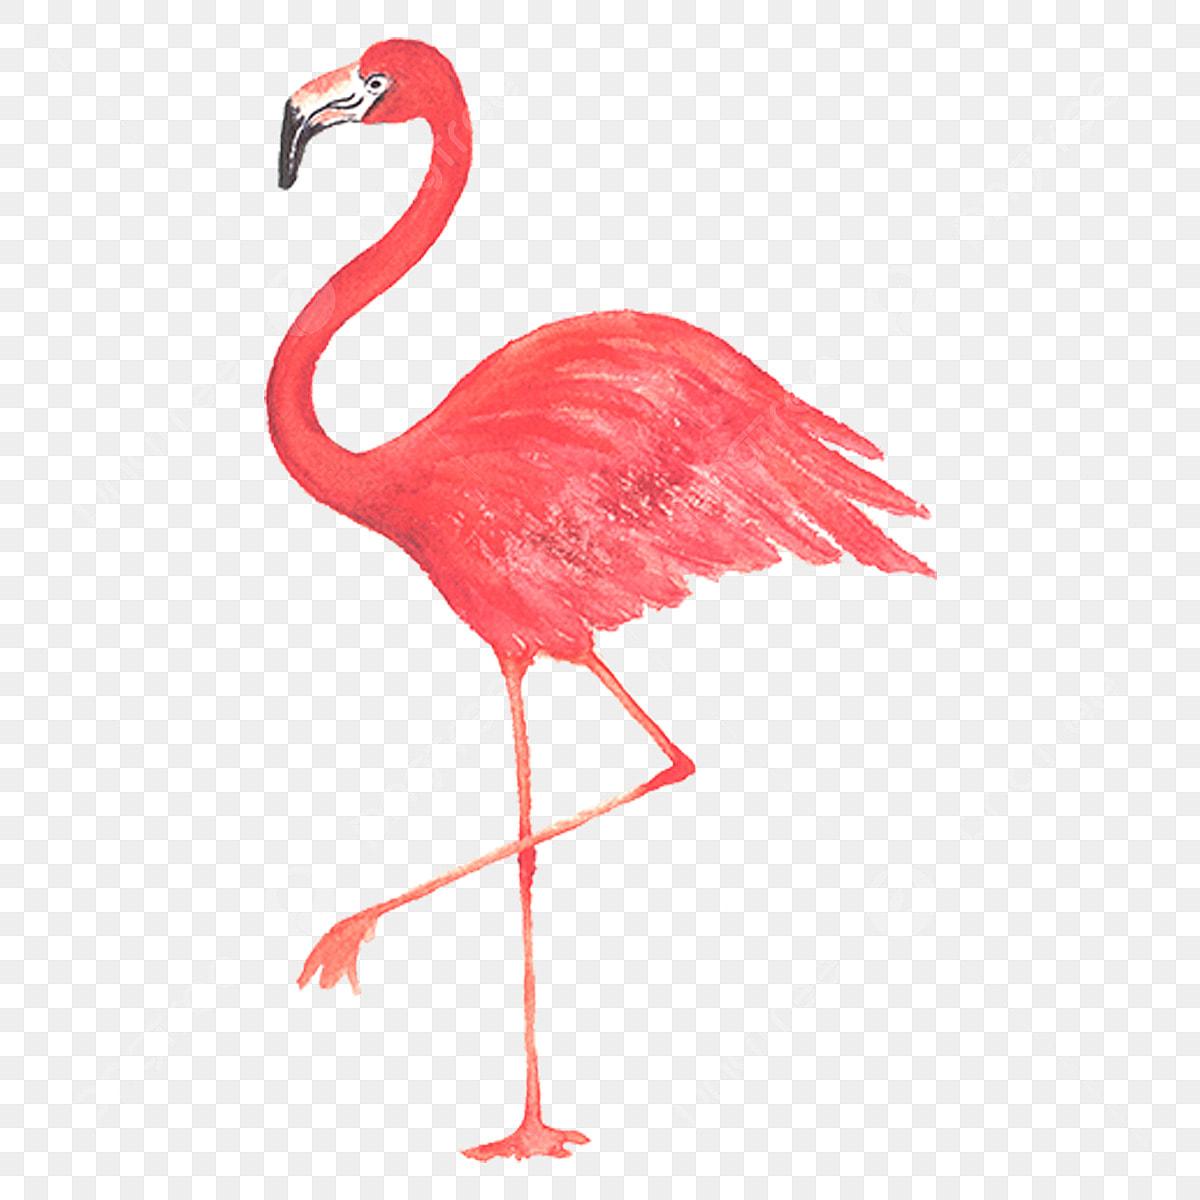 Gambar Burung Flamingo Cat Air Haiwan Zoo Flamingo Cat Air Png Dan Psd Untuk Muat Turun Percuma